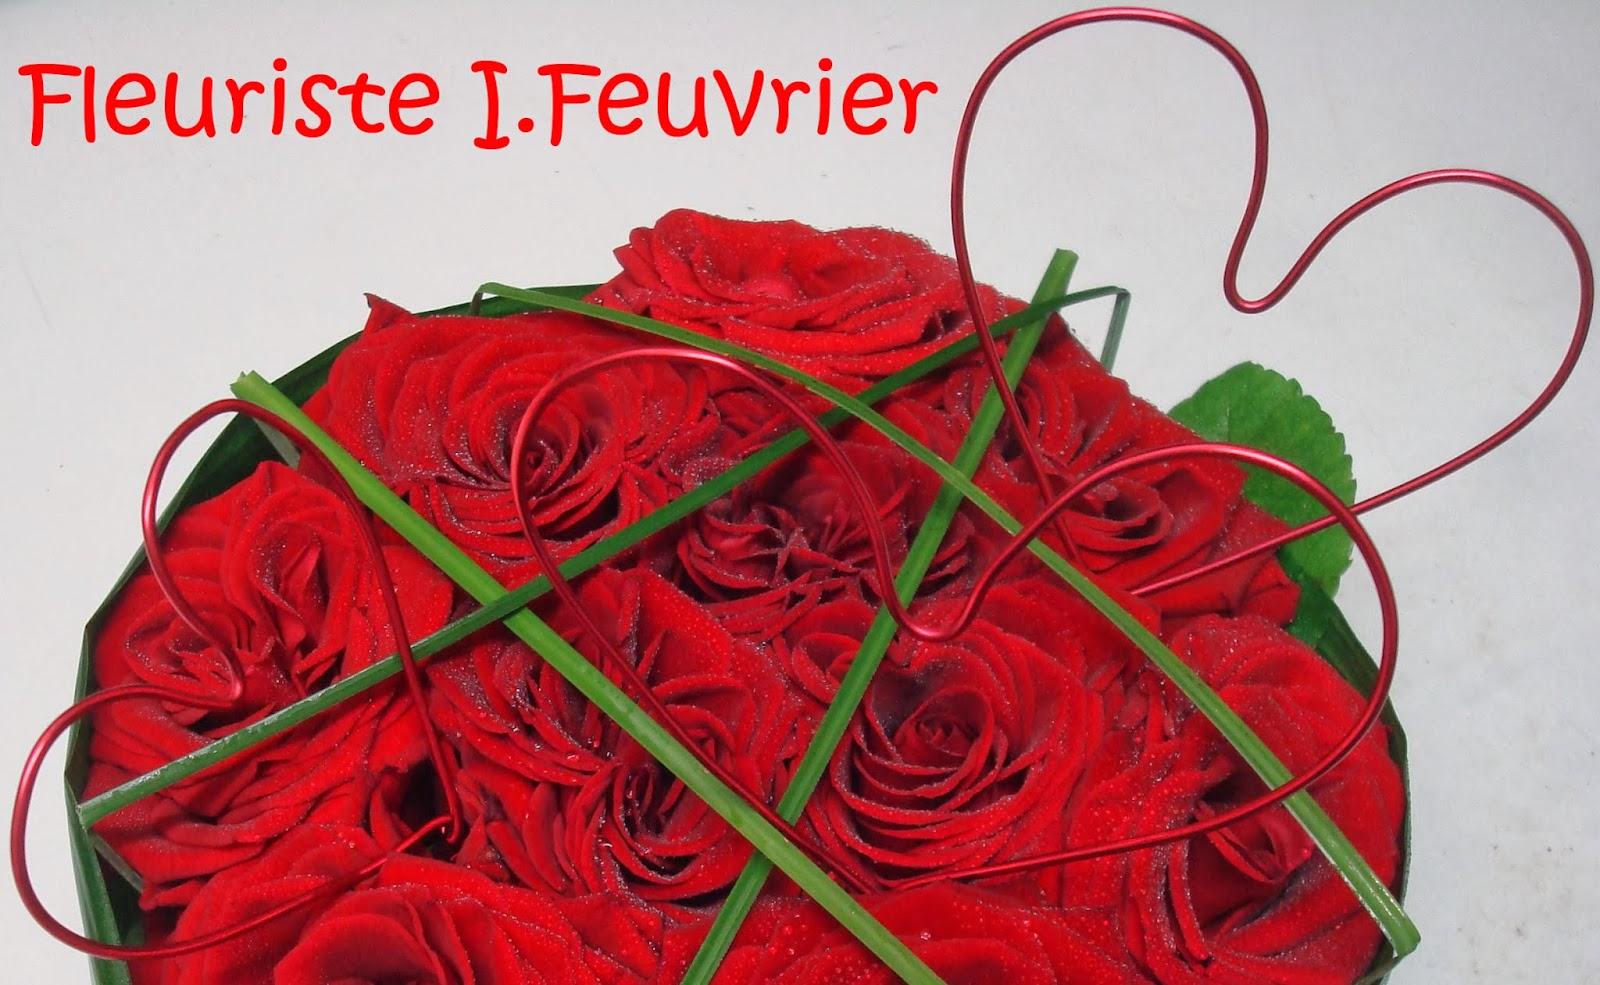 fleuriste isabelle feuvrier 14 f vrier jour de la saint. Black Bedroom Furniture Sets. Home Design Ideas